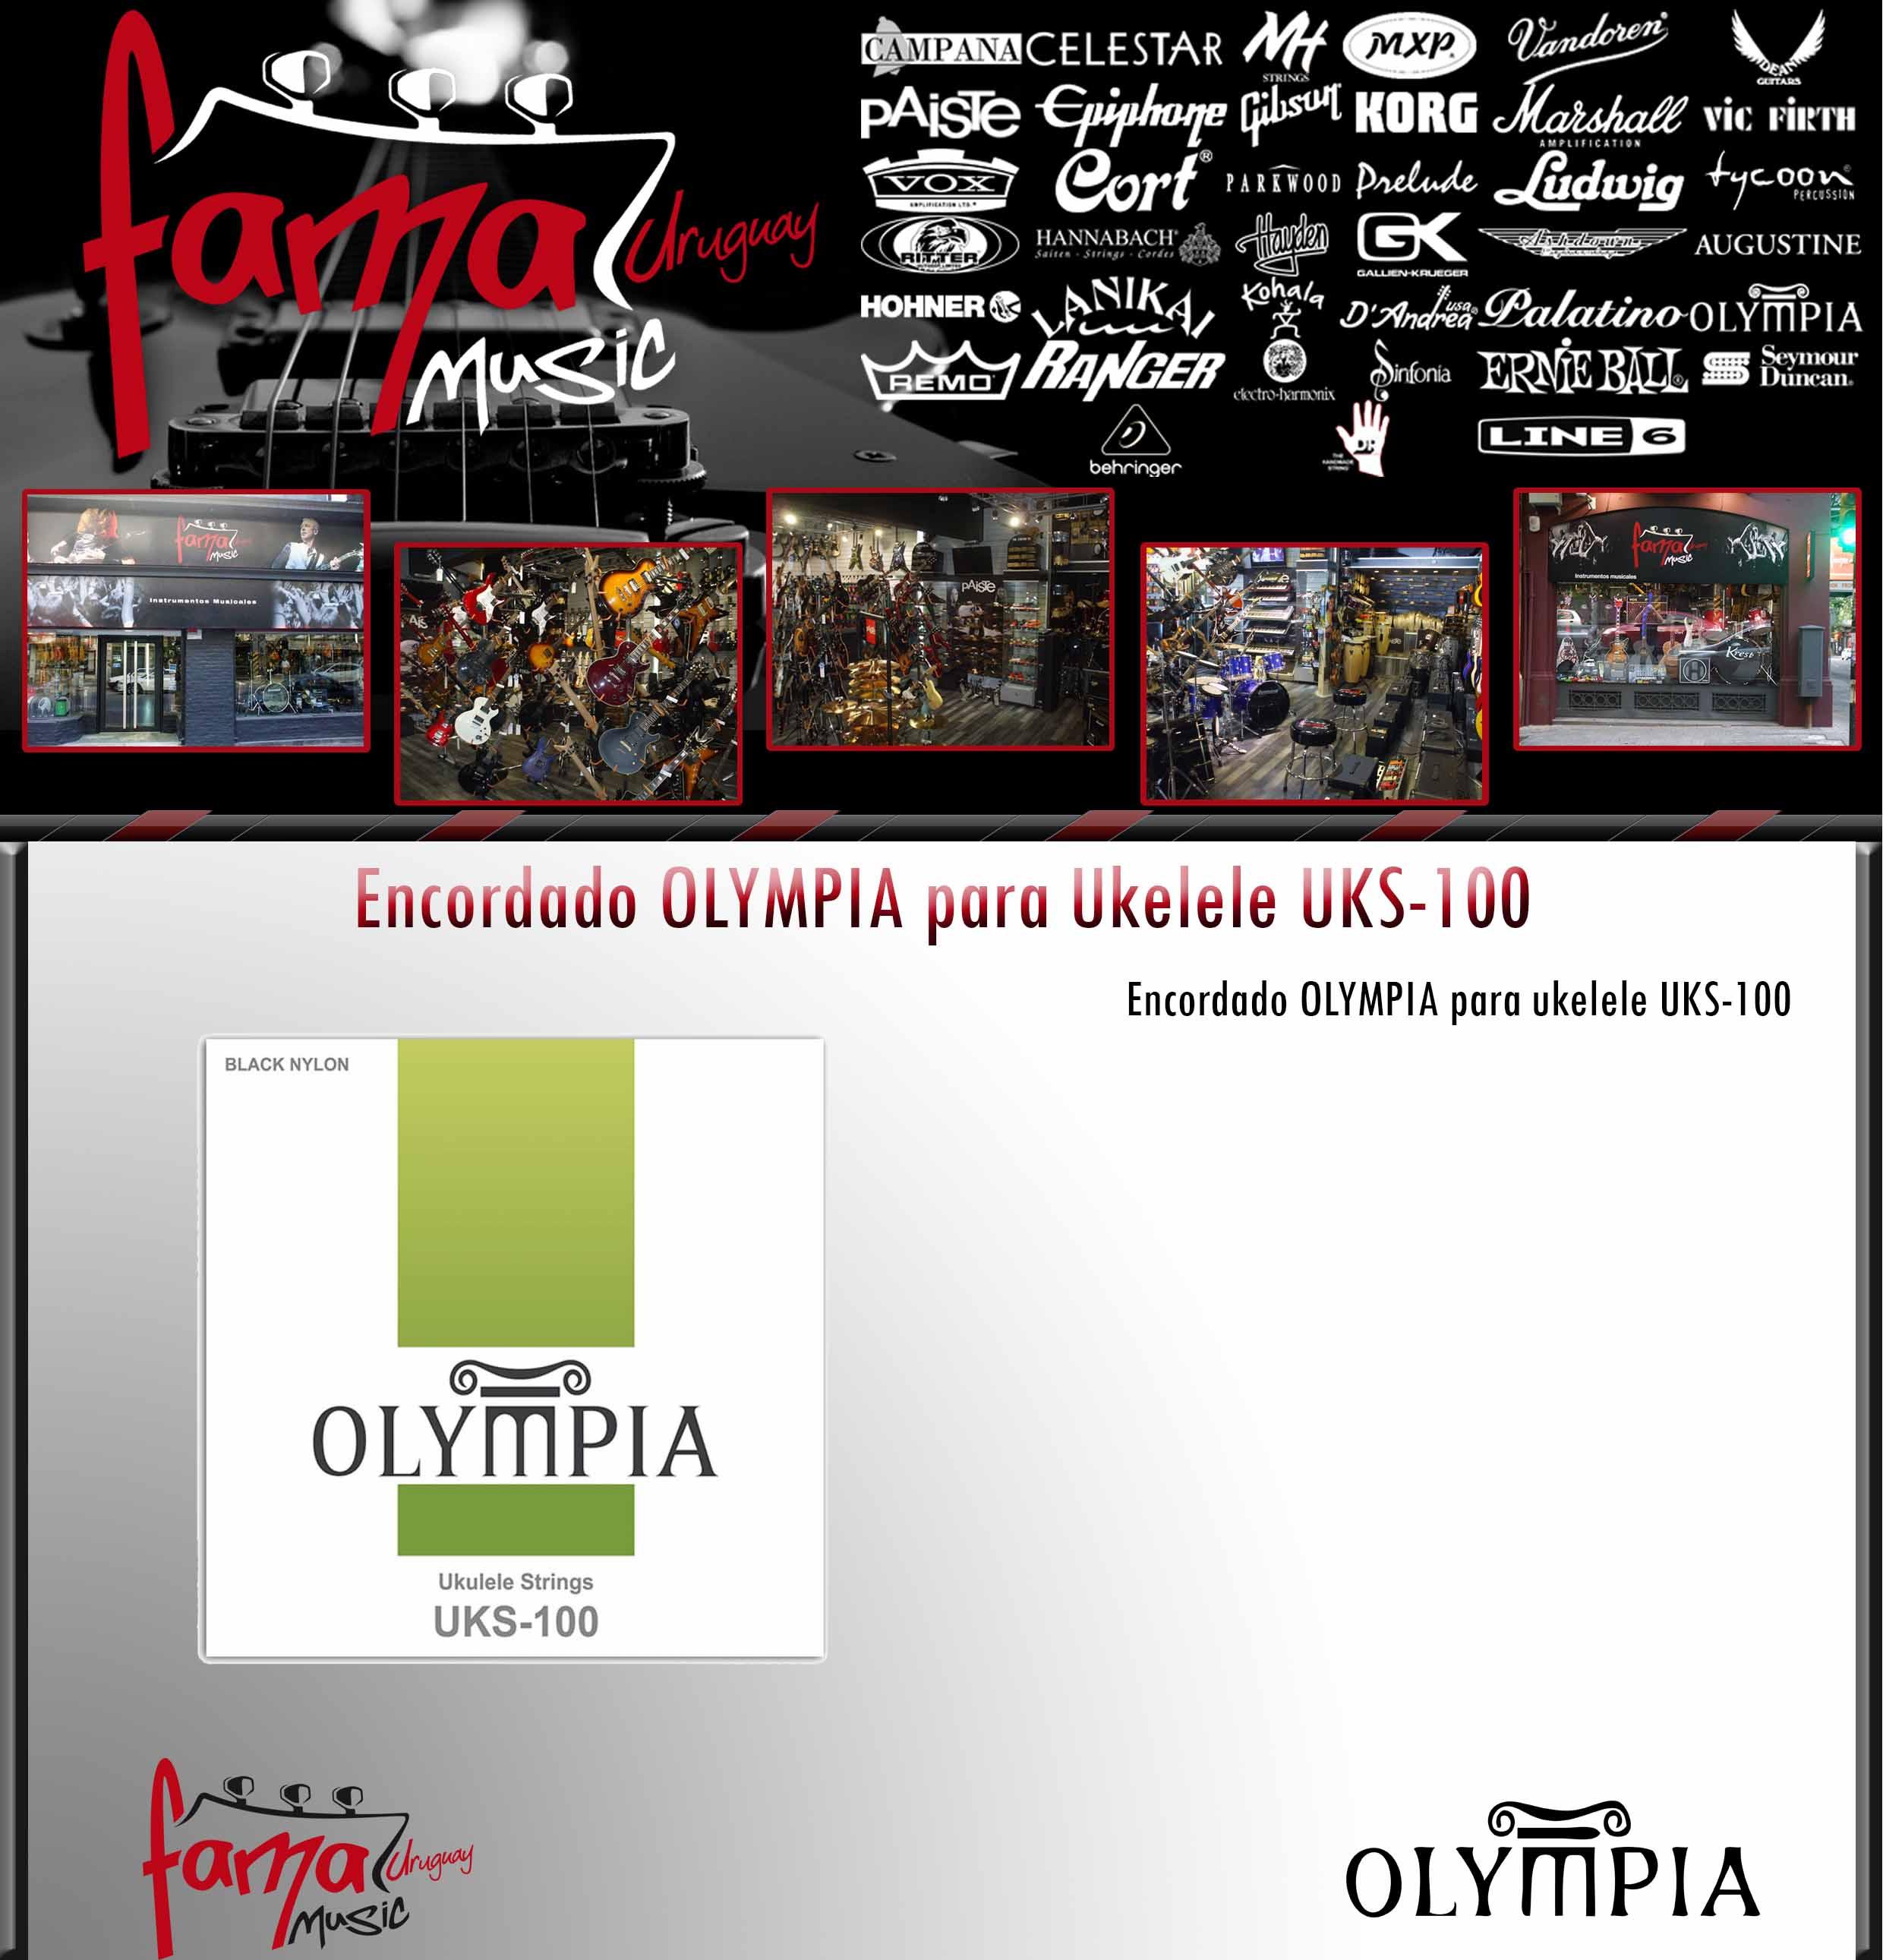 Encordado OLYMPIA para Ukelele UKS-100